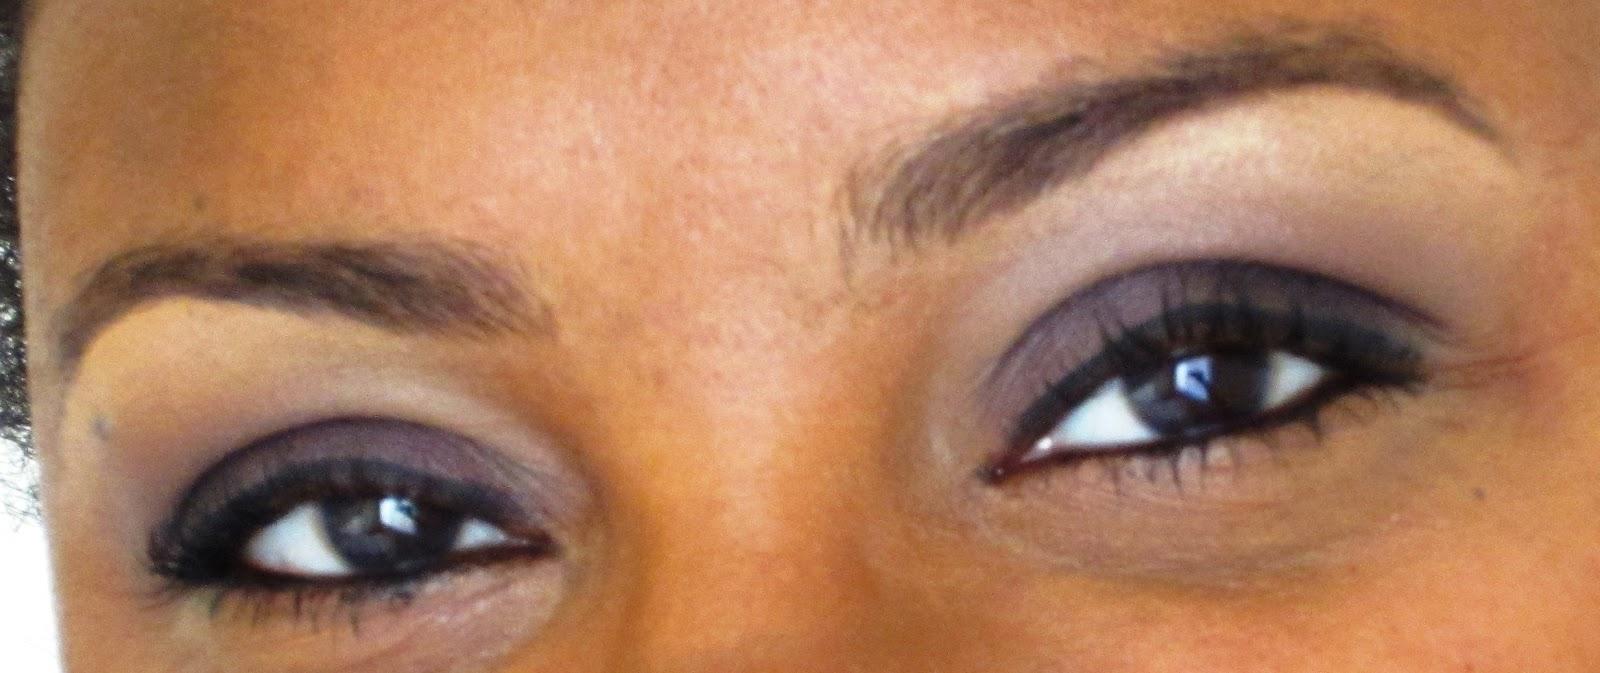 Indigofera Beauty Blog: Learn how to create amazing eyes ...